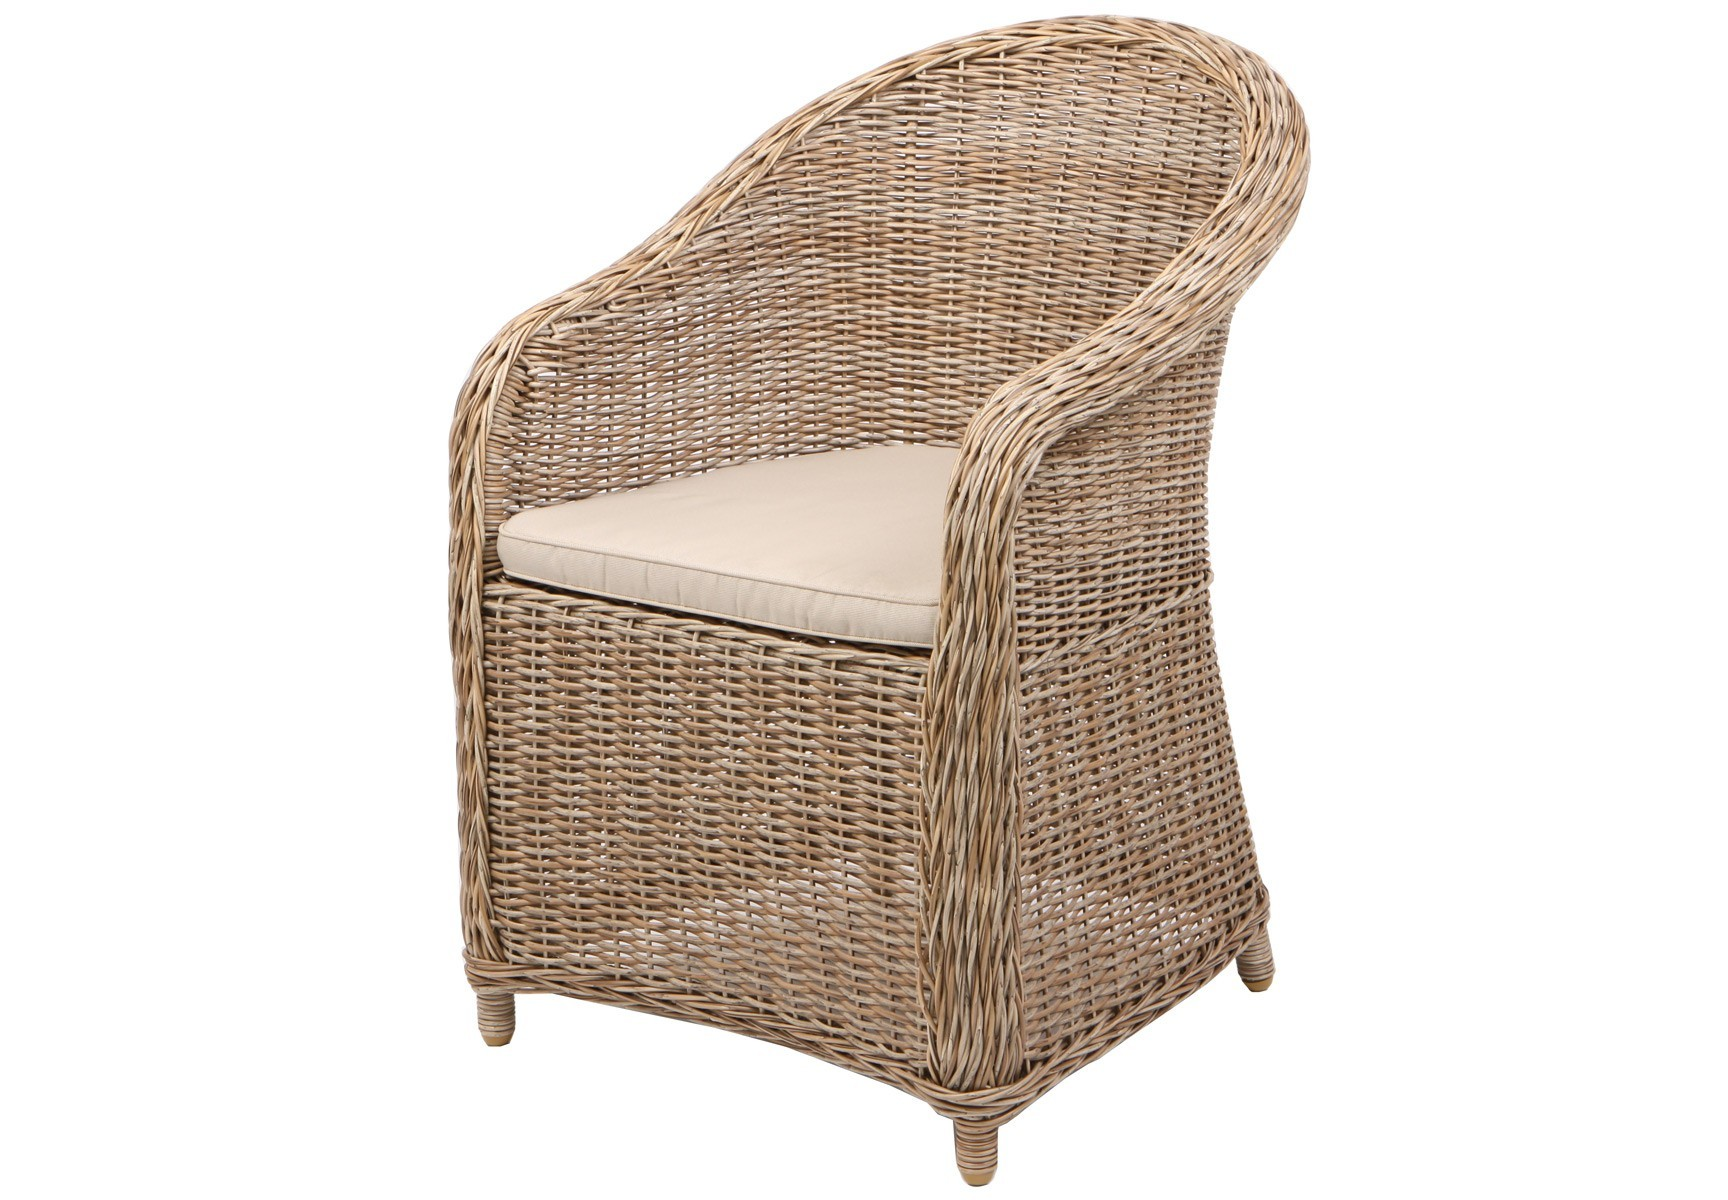 Кресло CoventryКресла для сада<br>Кресло изготовлено из полукруглого искусственного ротанга. Цвет натуральный, подушка темно-серого цвета включена в стоимость<br><br>Material: Искусственный ротанг<br>Ширина см: 71<br>Высота см: 87<br>Глубина см: 61